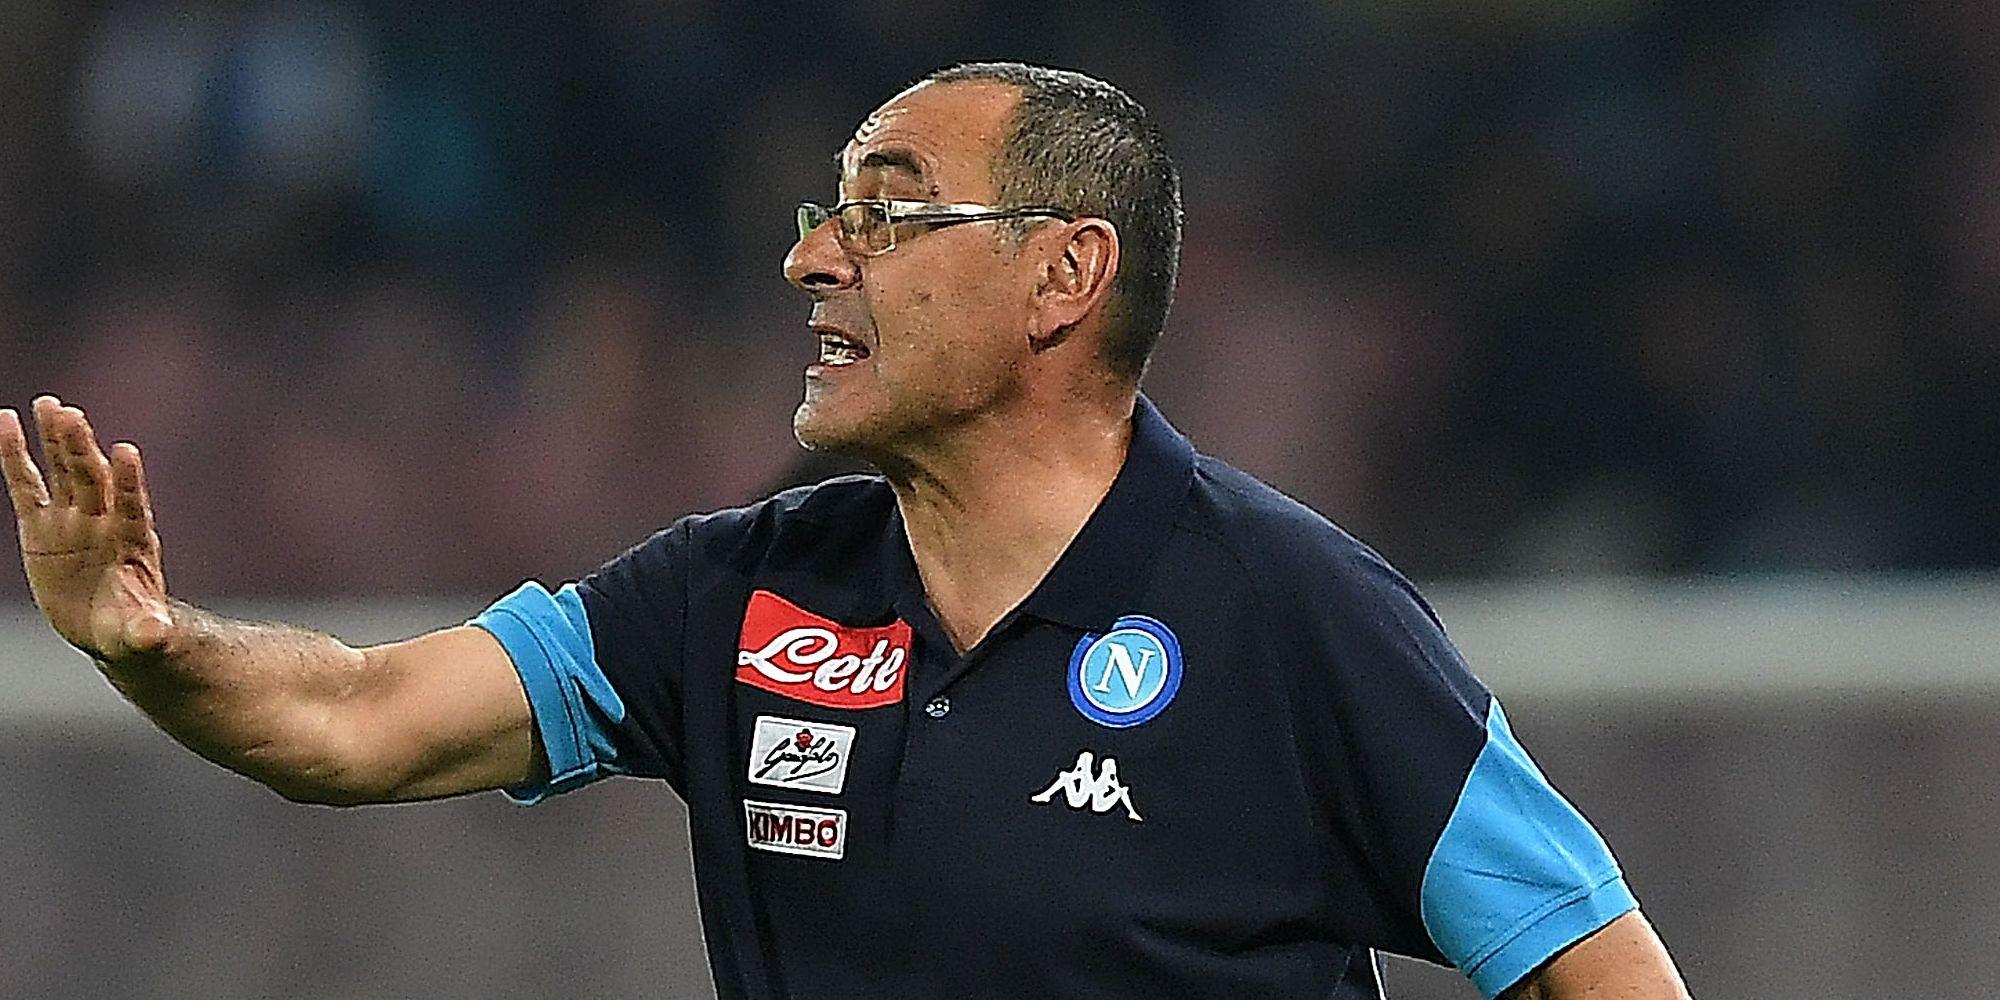 L'Inter stoppa il Napoli: finisce 0-0 al San Paolo, Handanovic un muro